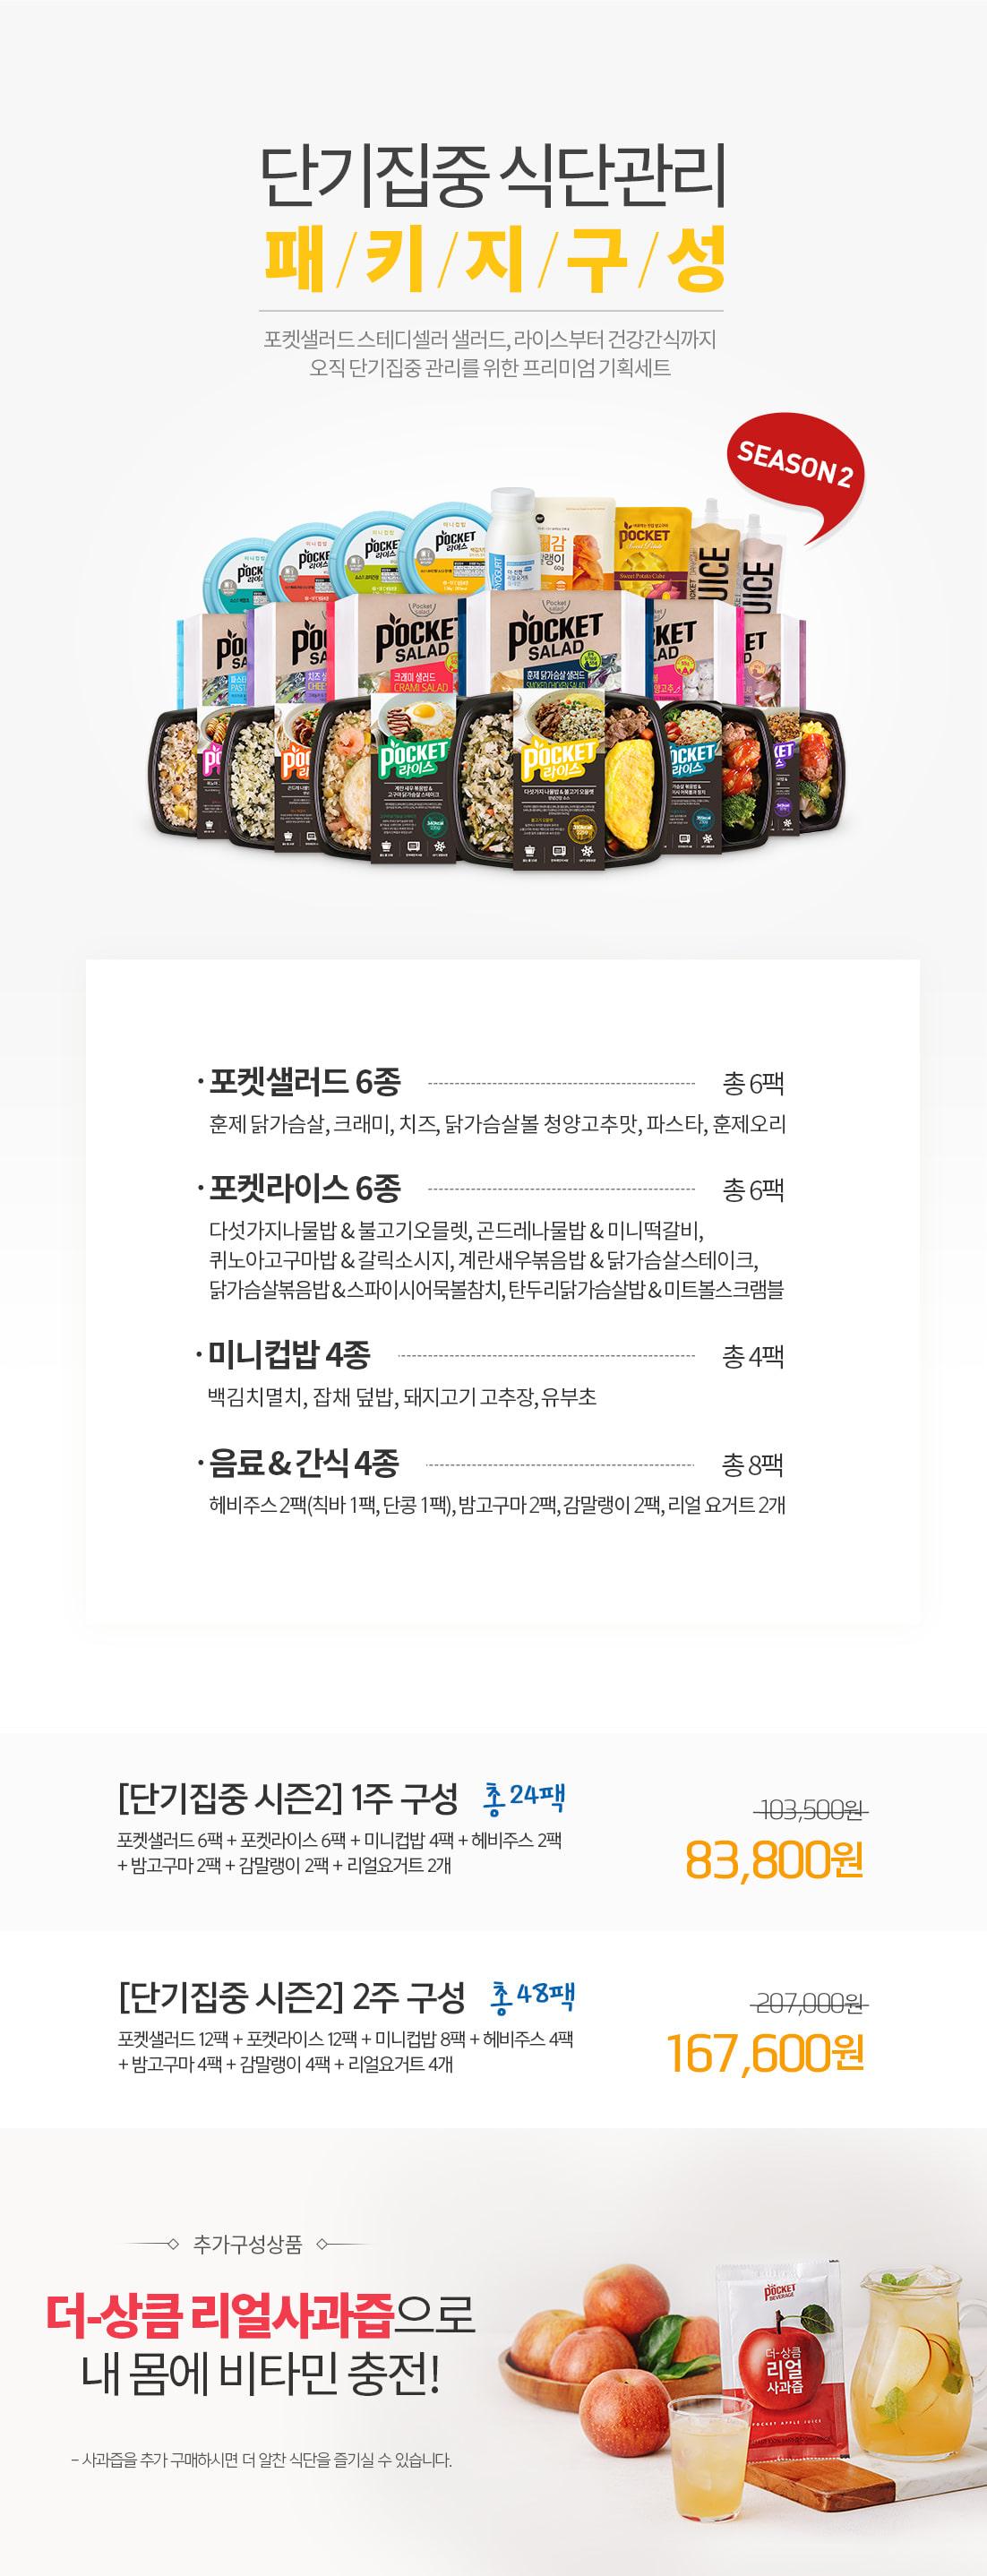 단기집중 시즌2 - 구성/ 가격